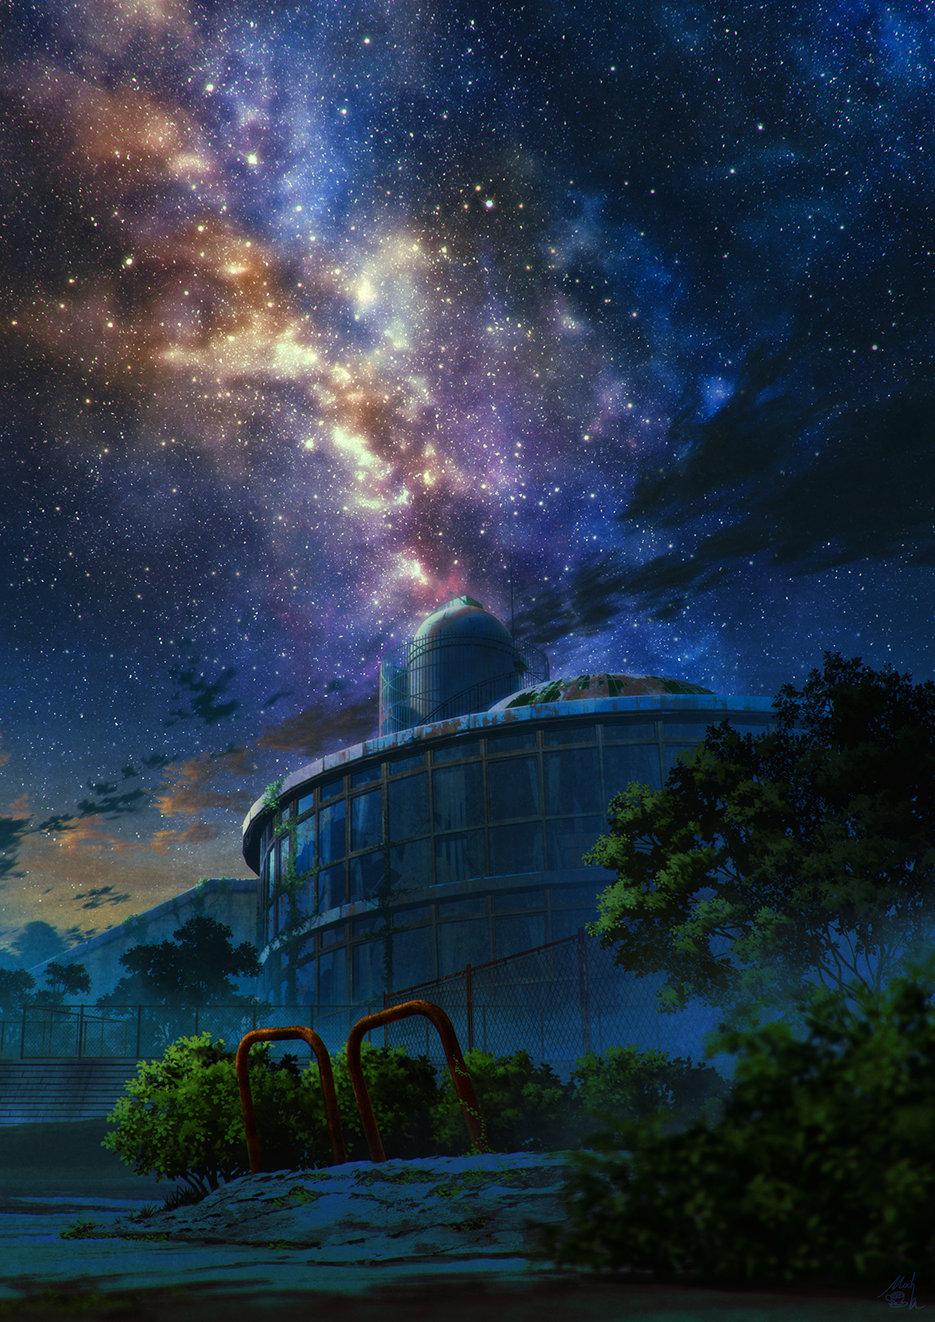 [美图推荐]夜空 星空 想念你的每个夜晚 电脑手机壁纸 手机壁纸-第9张